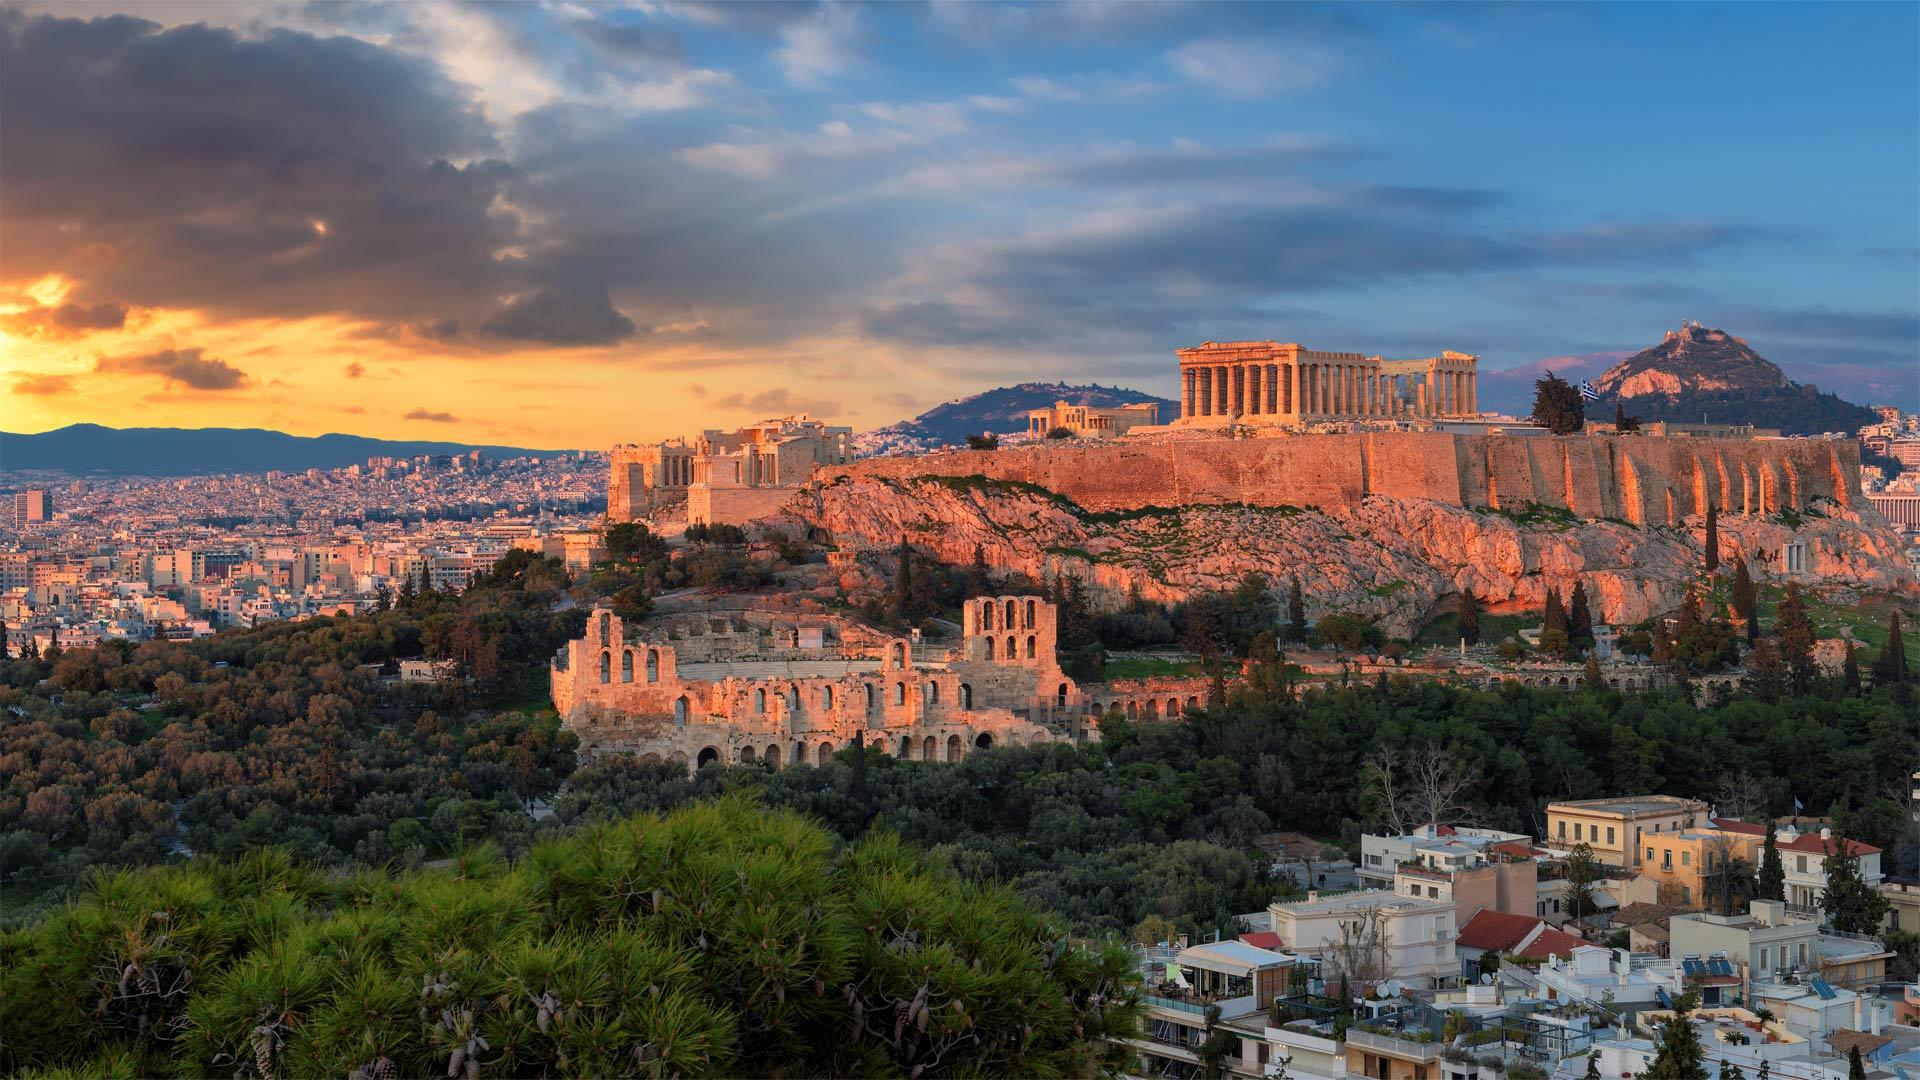 雅典卫城的帕特农神庙,希腊 (© Lucky-photographer/Shutterstock)